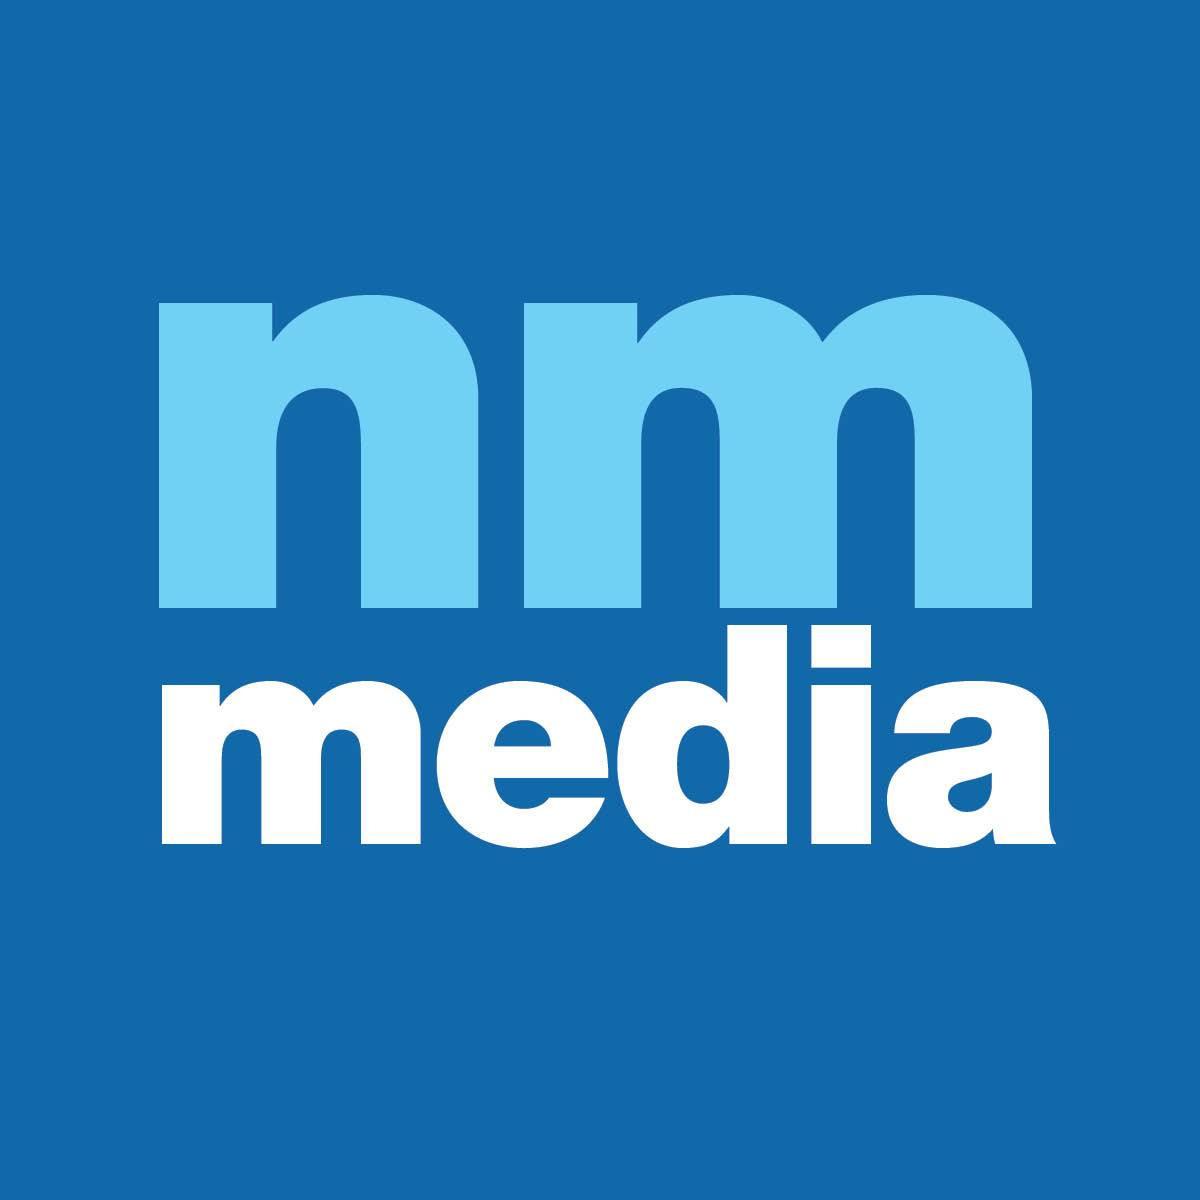 (c) Nmmedia.ca